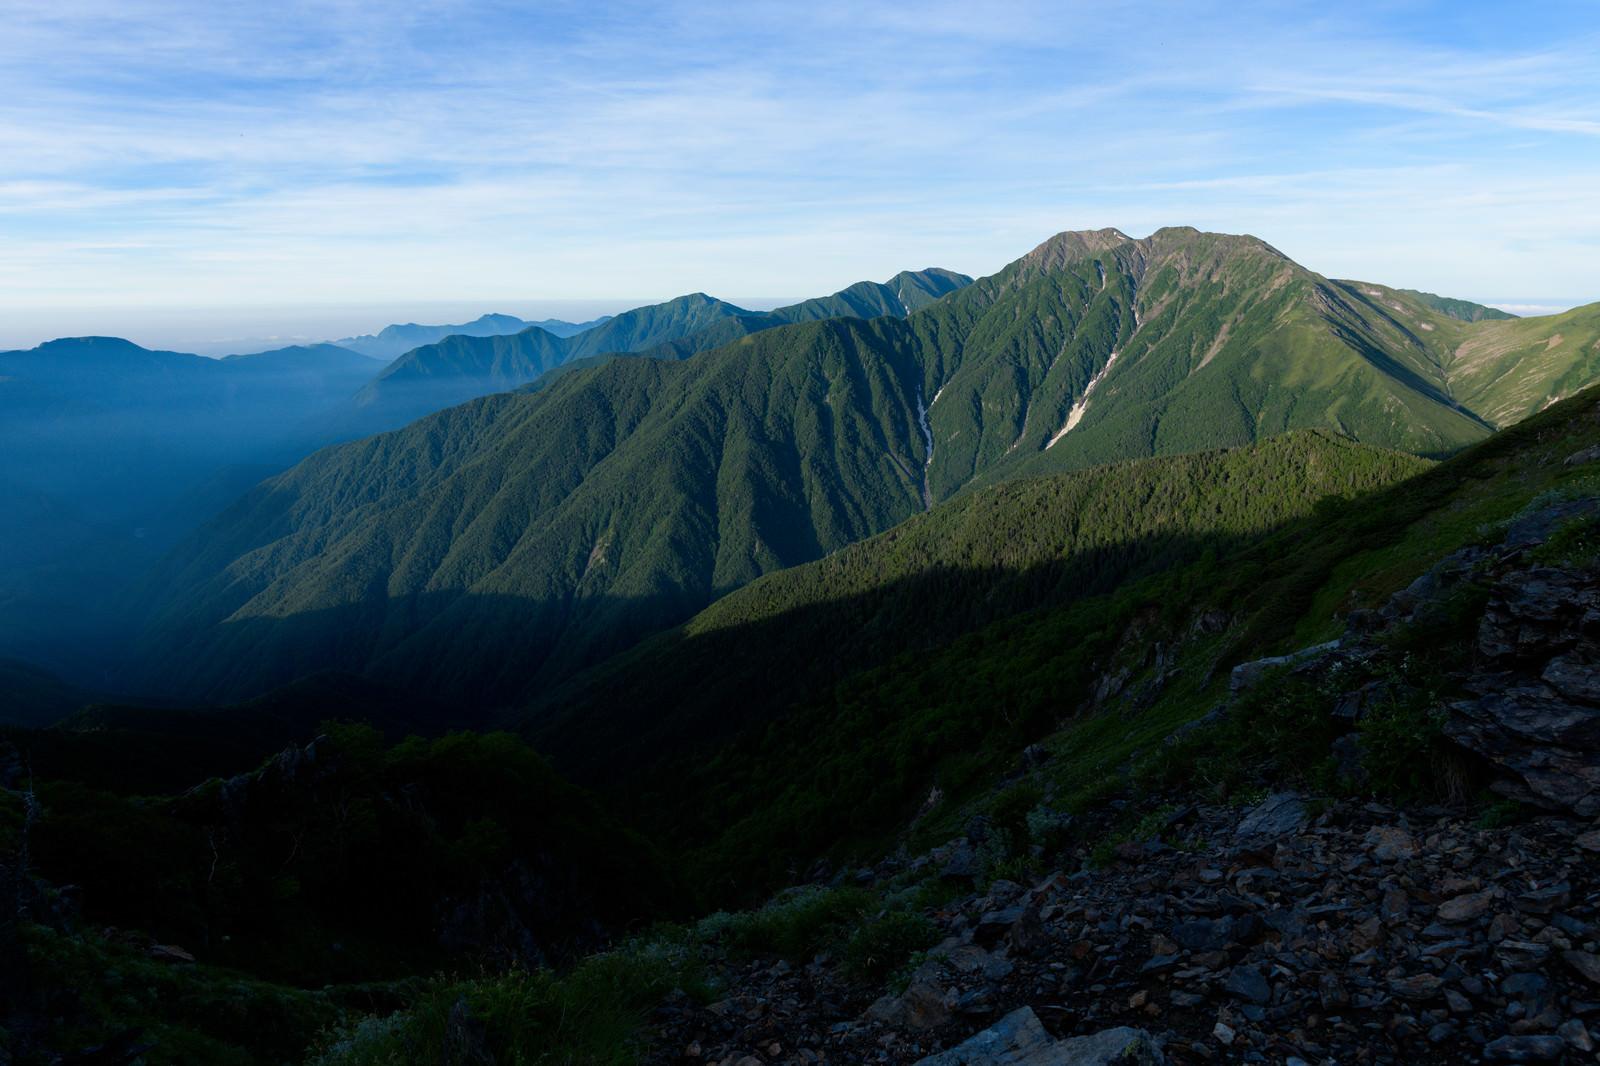 「朝日を浴びる赤石岳(南アルプス)」の写真